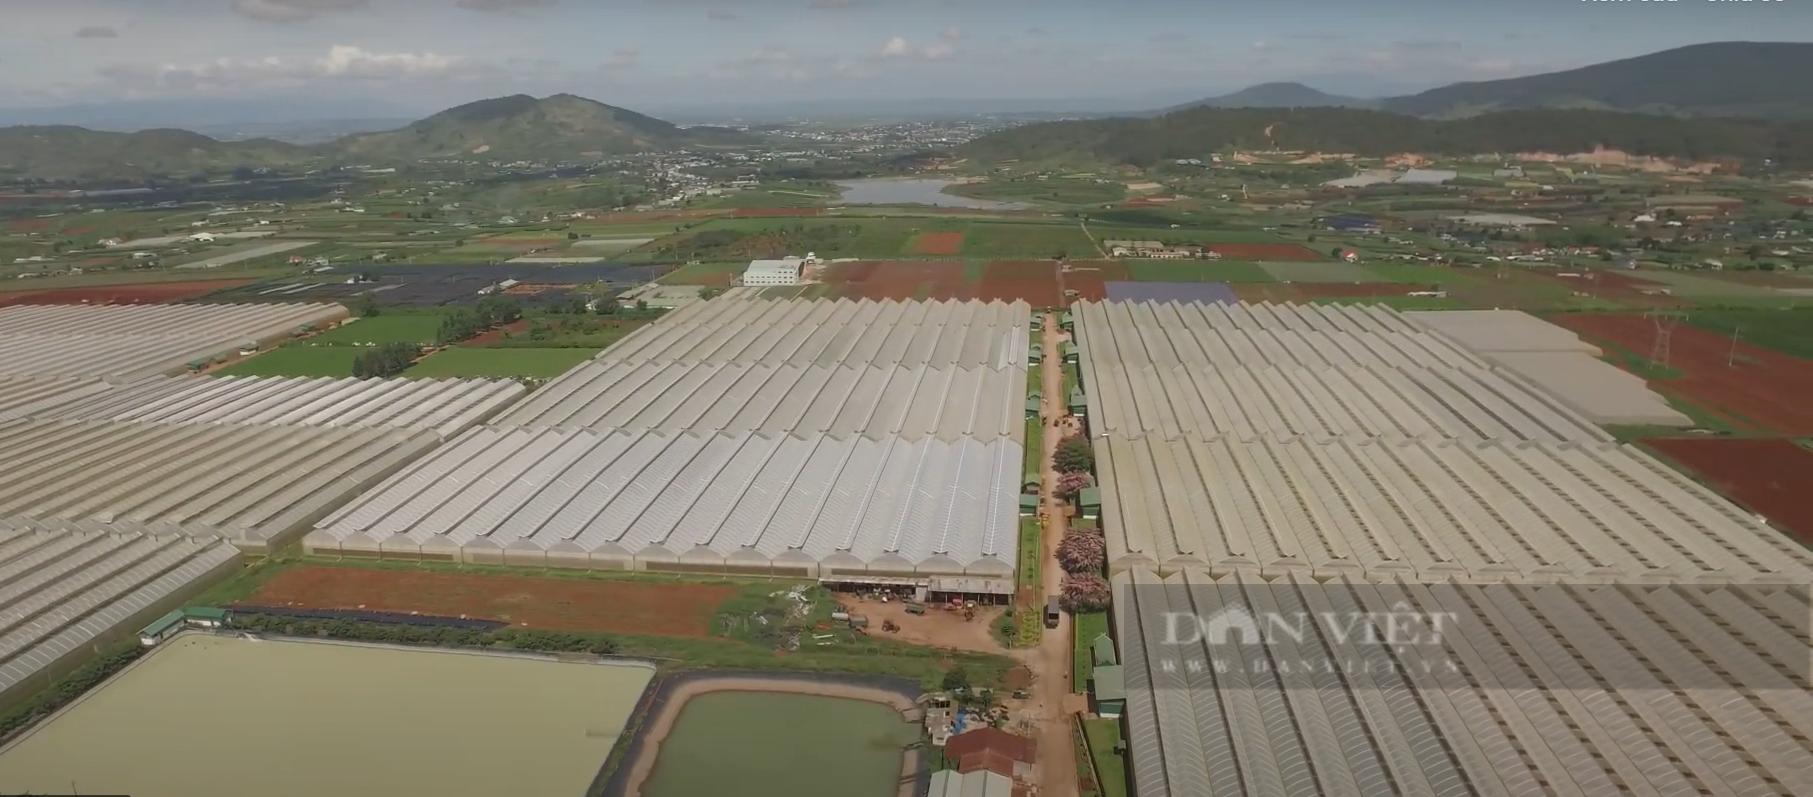 """Chuyển đổi số trong nông nghiệp ở Lâm Đồng (bài 1): Nông dân, doanh nghiệp đều tham gia """"cuộc chơi"""" công nghệ - Ảnh 3."""